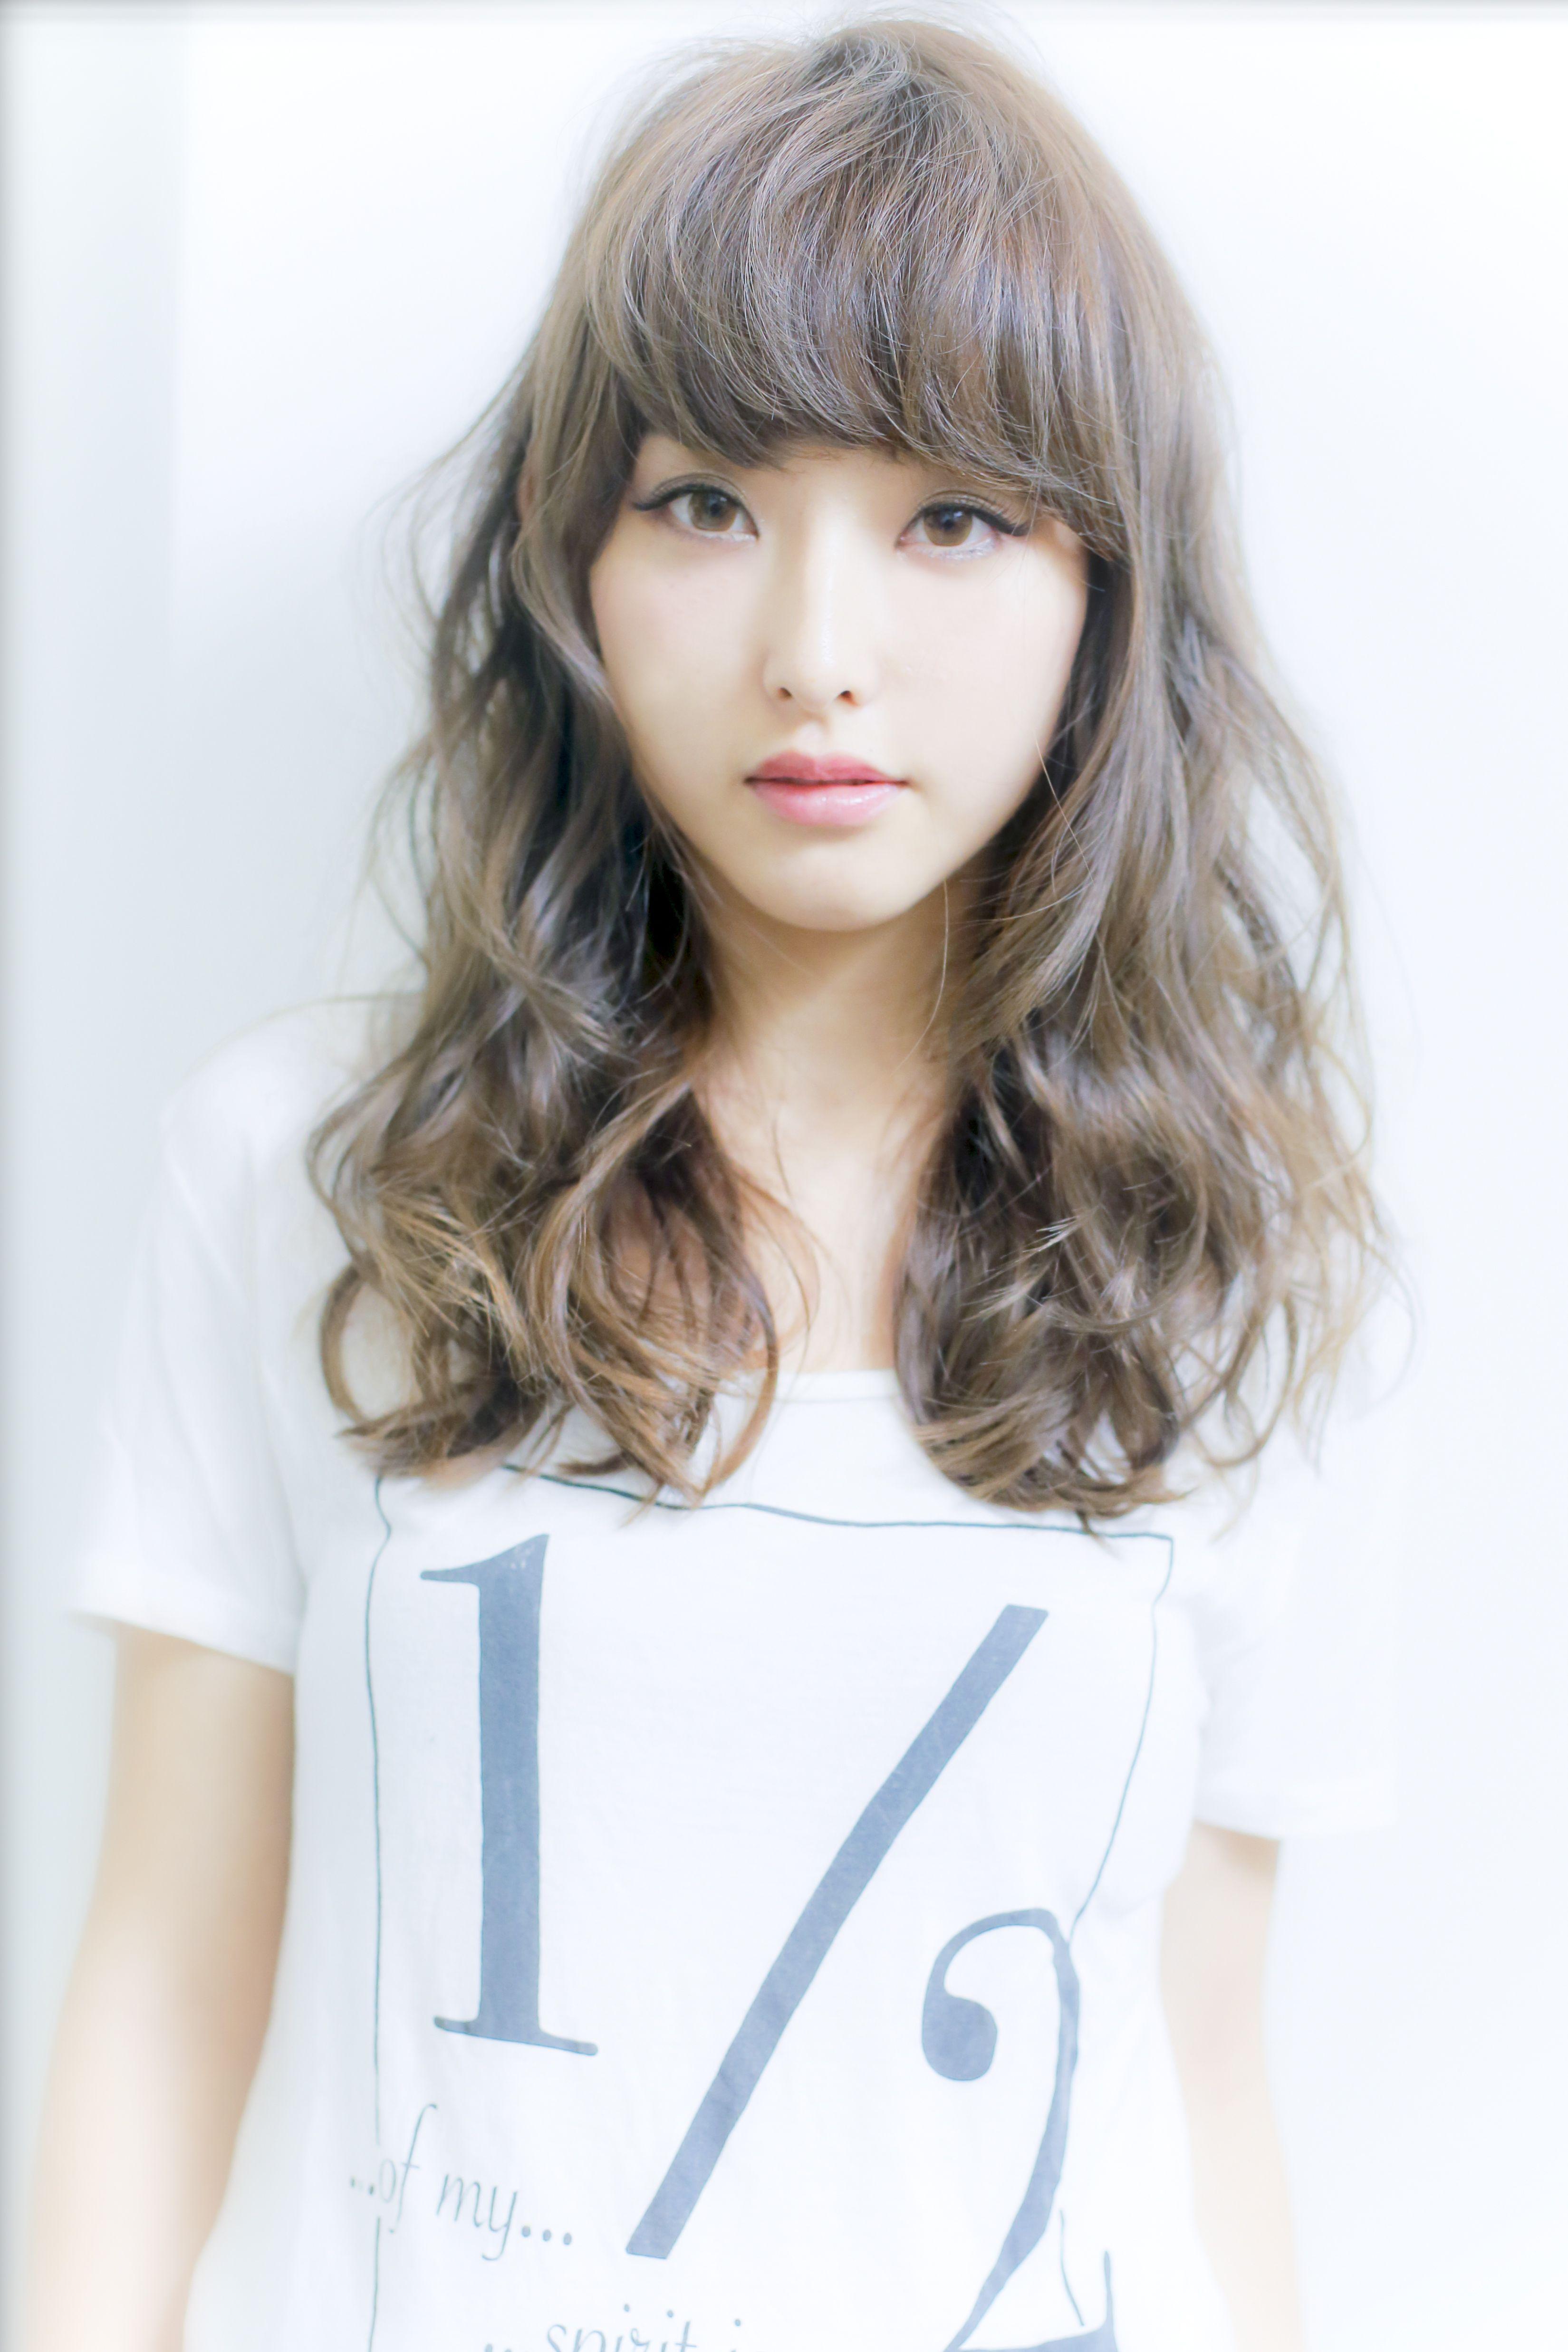 Hair おしゃれまとめの人気アイデア Pinterest Takahiro Nakama 美人 ヘアスタイル ヘアスタイル ヘアカタログ ロング